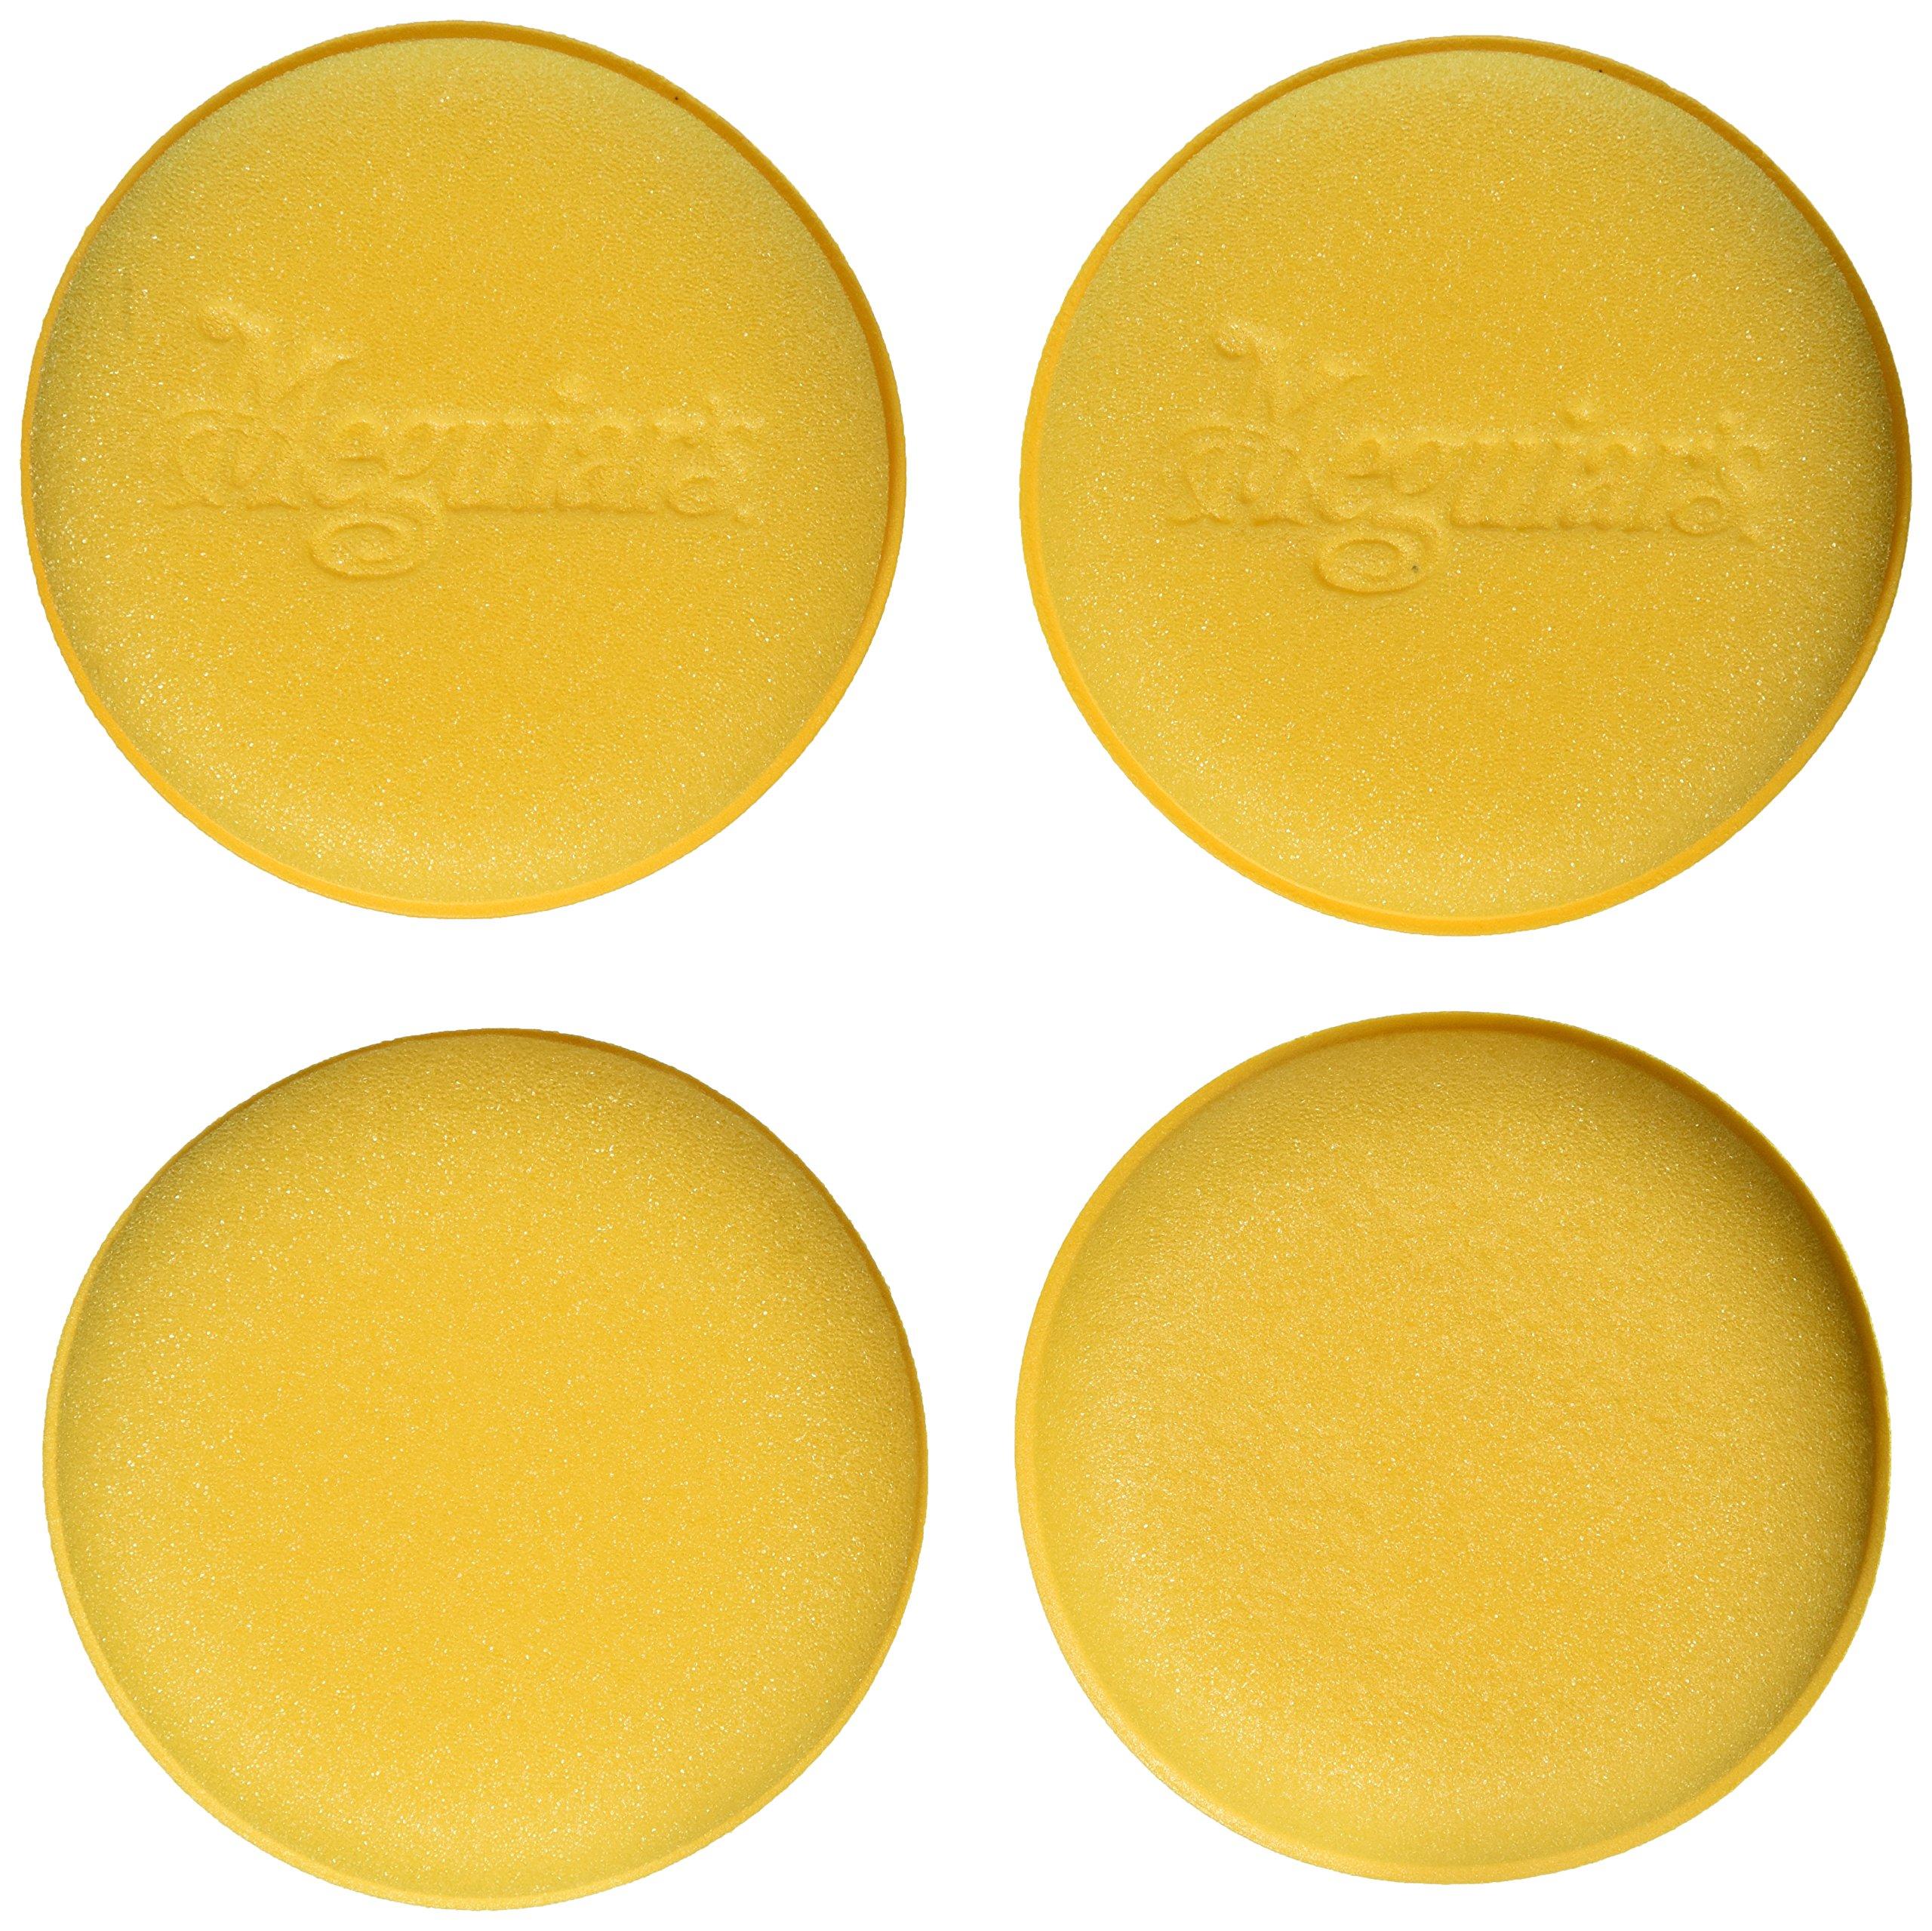 Meguiar's W0004 Supreme Shine 4'' Foam Applicator Pads, 4 Pack